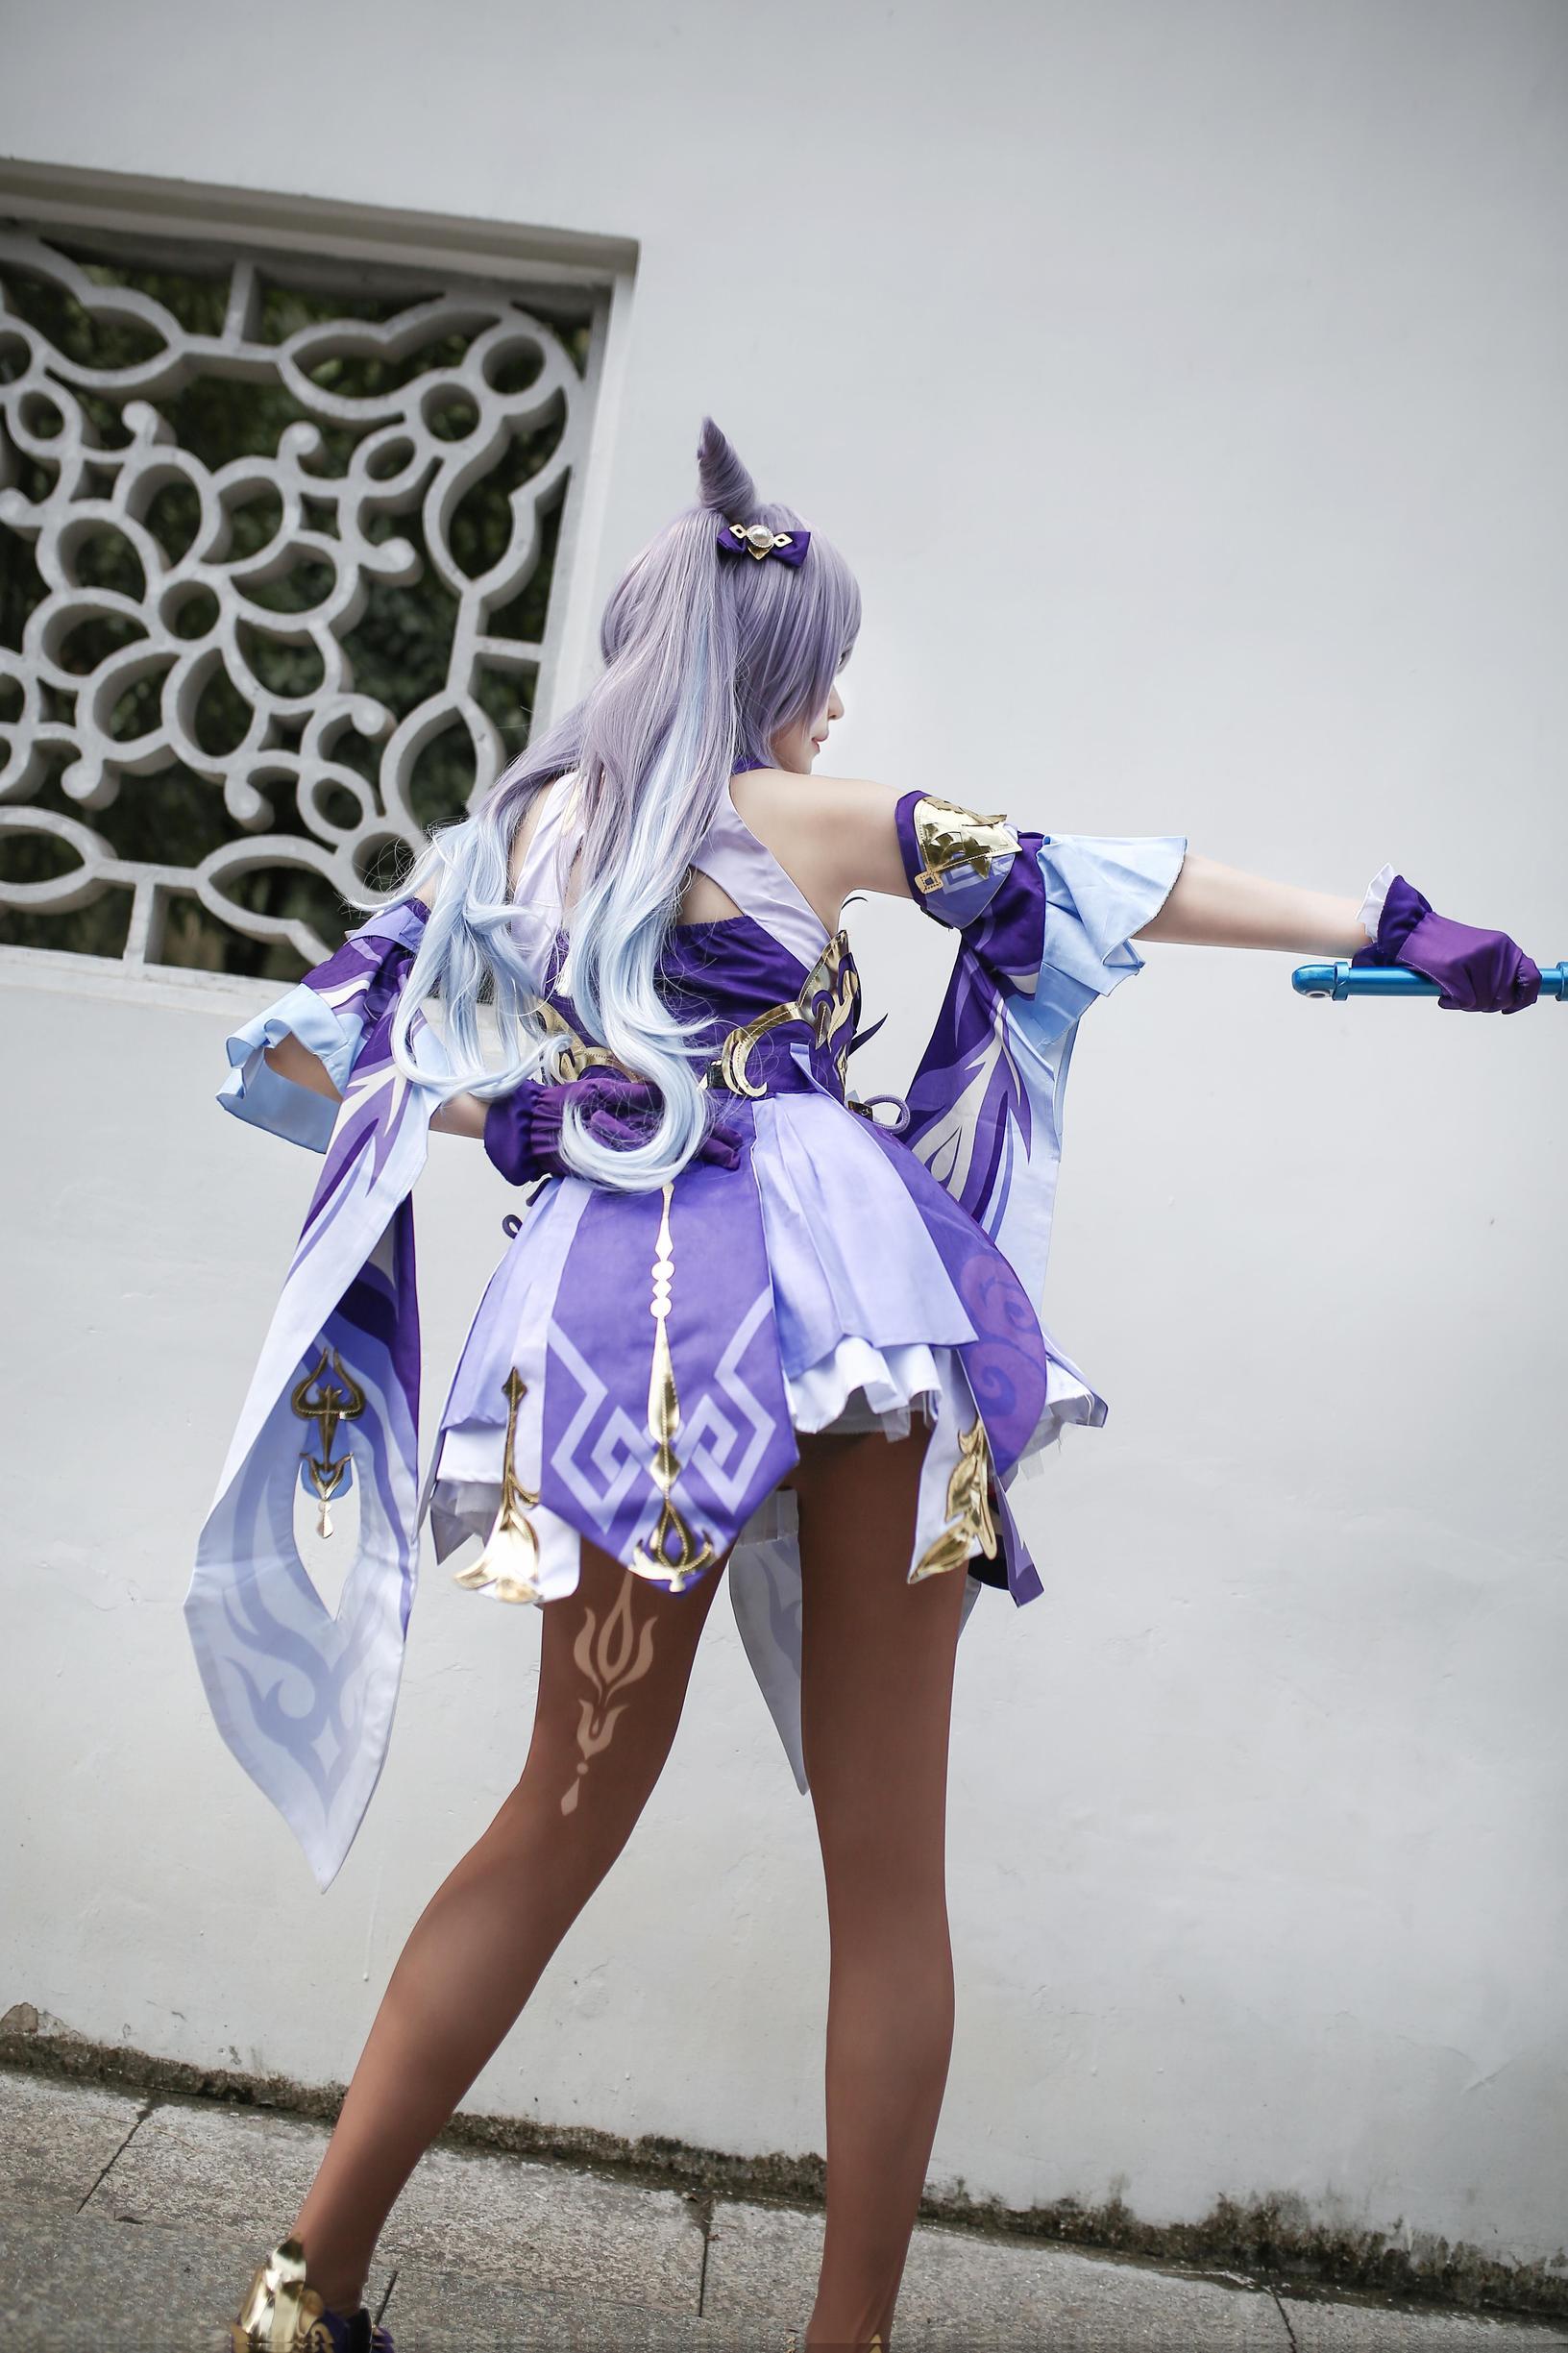 《原神》御姐cosplay【CN:琉砂】-第2张